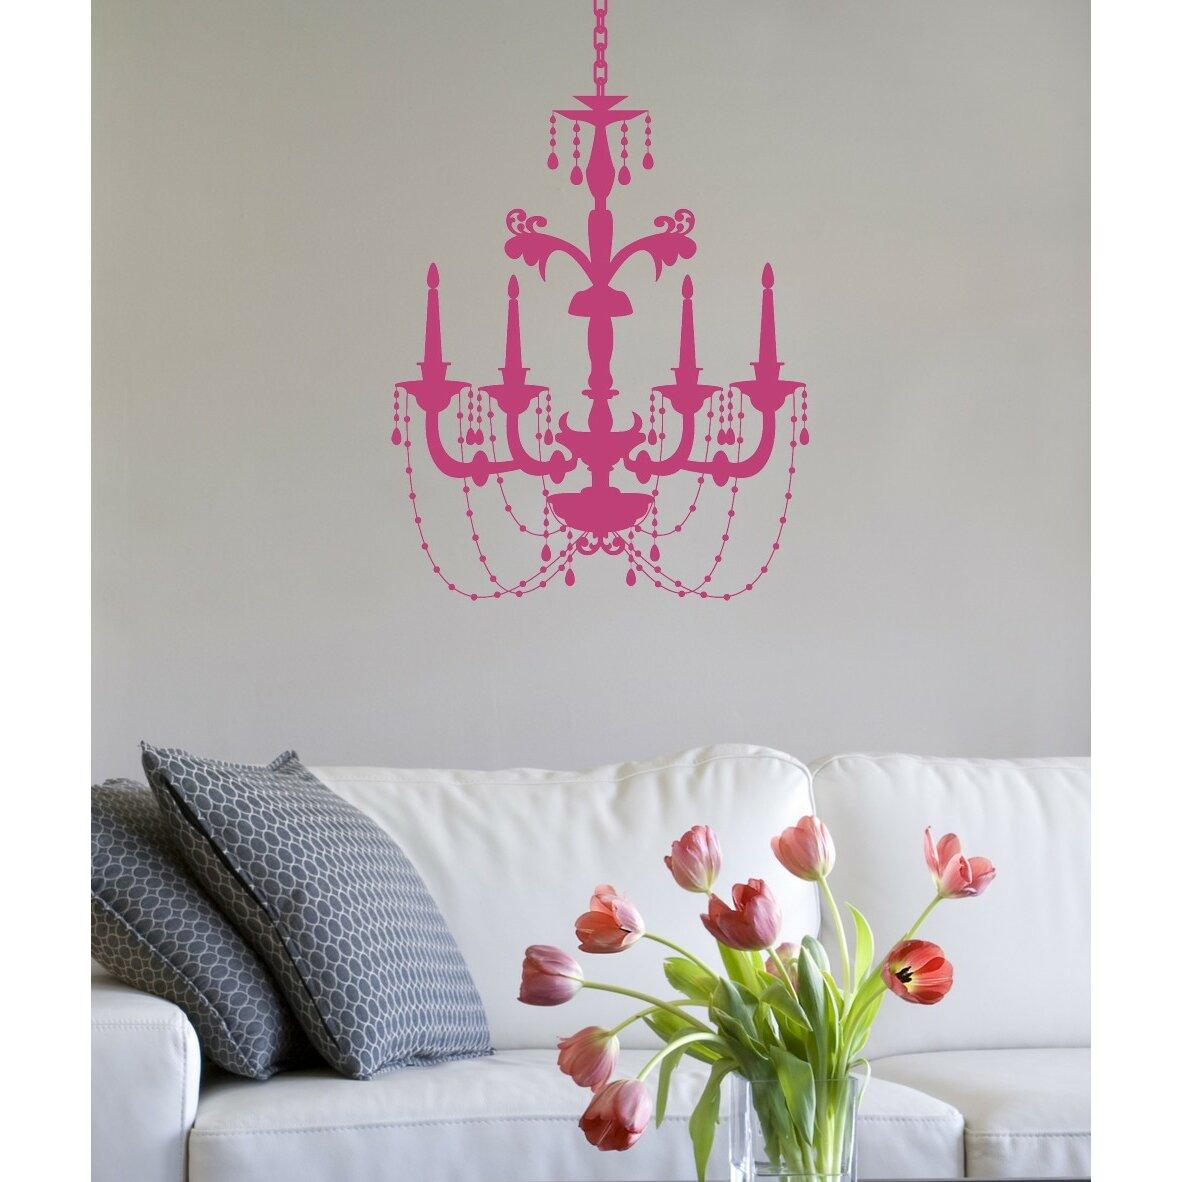 Alphabet garden designs chic chandelier wall decal wayfair for Alphabet garden designs